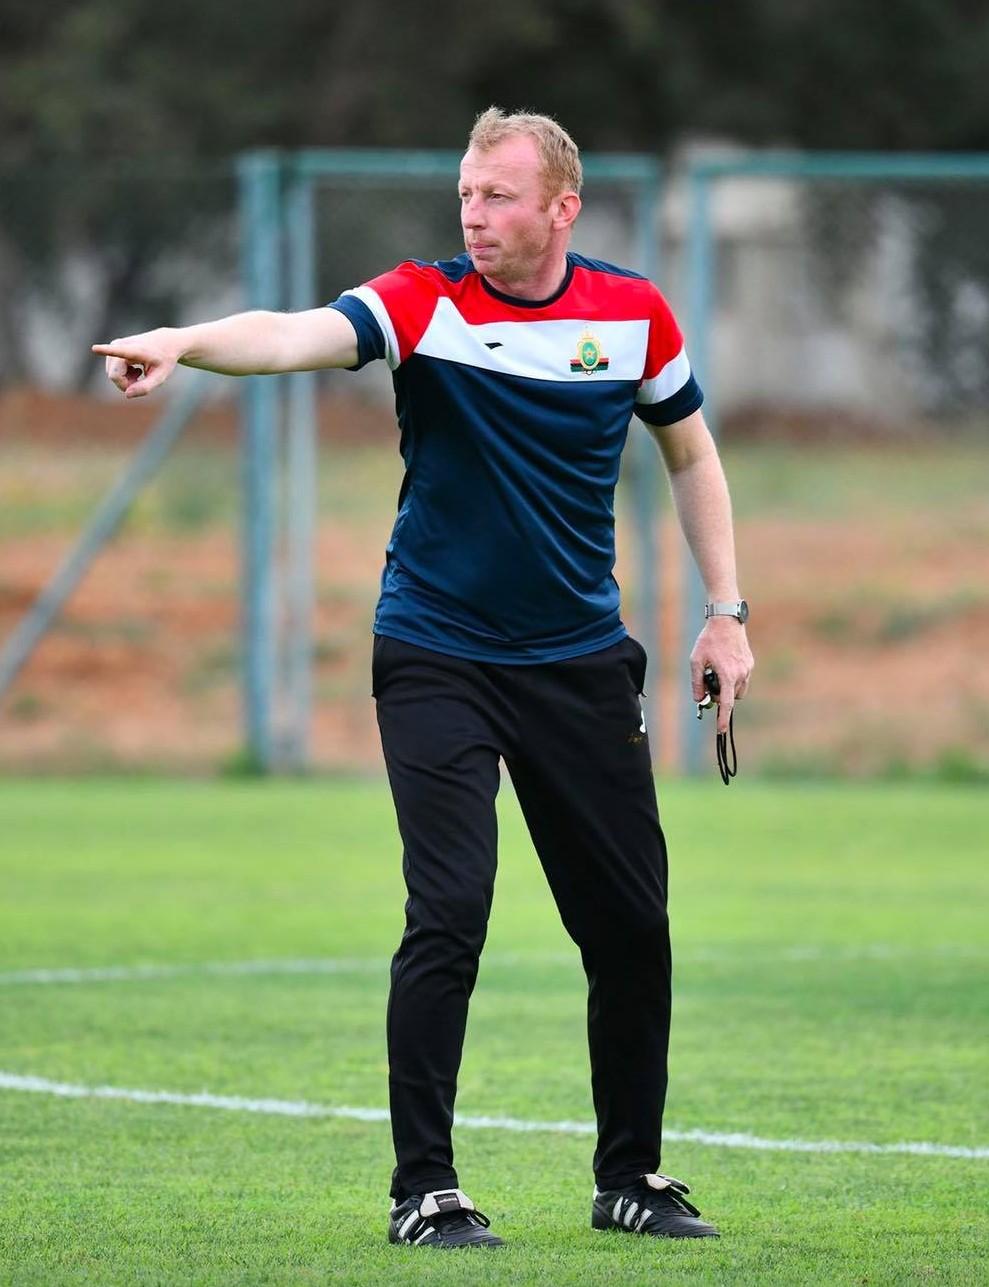 Respect des règlements : Le bel exemple de Sven Vandenbroeck, coach des FAR !